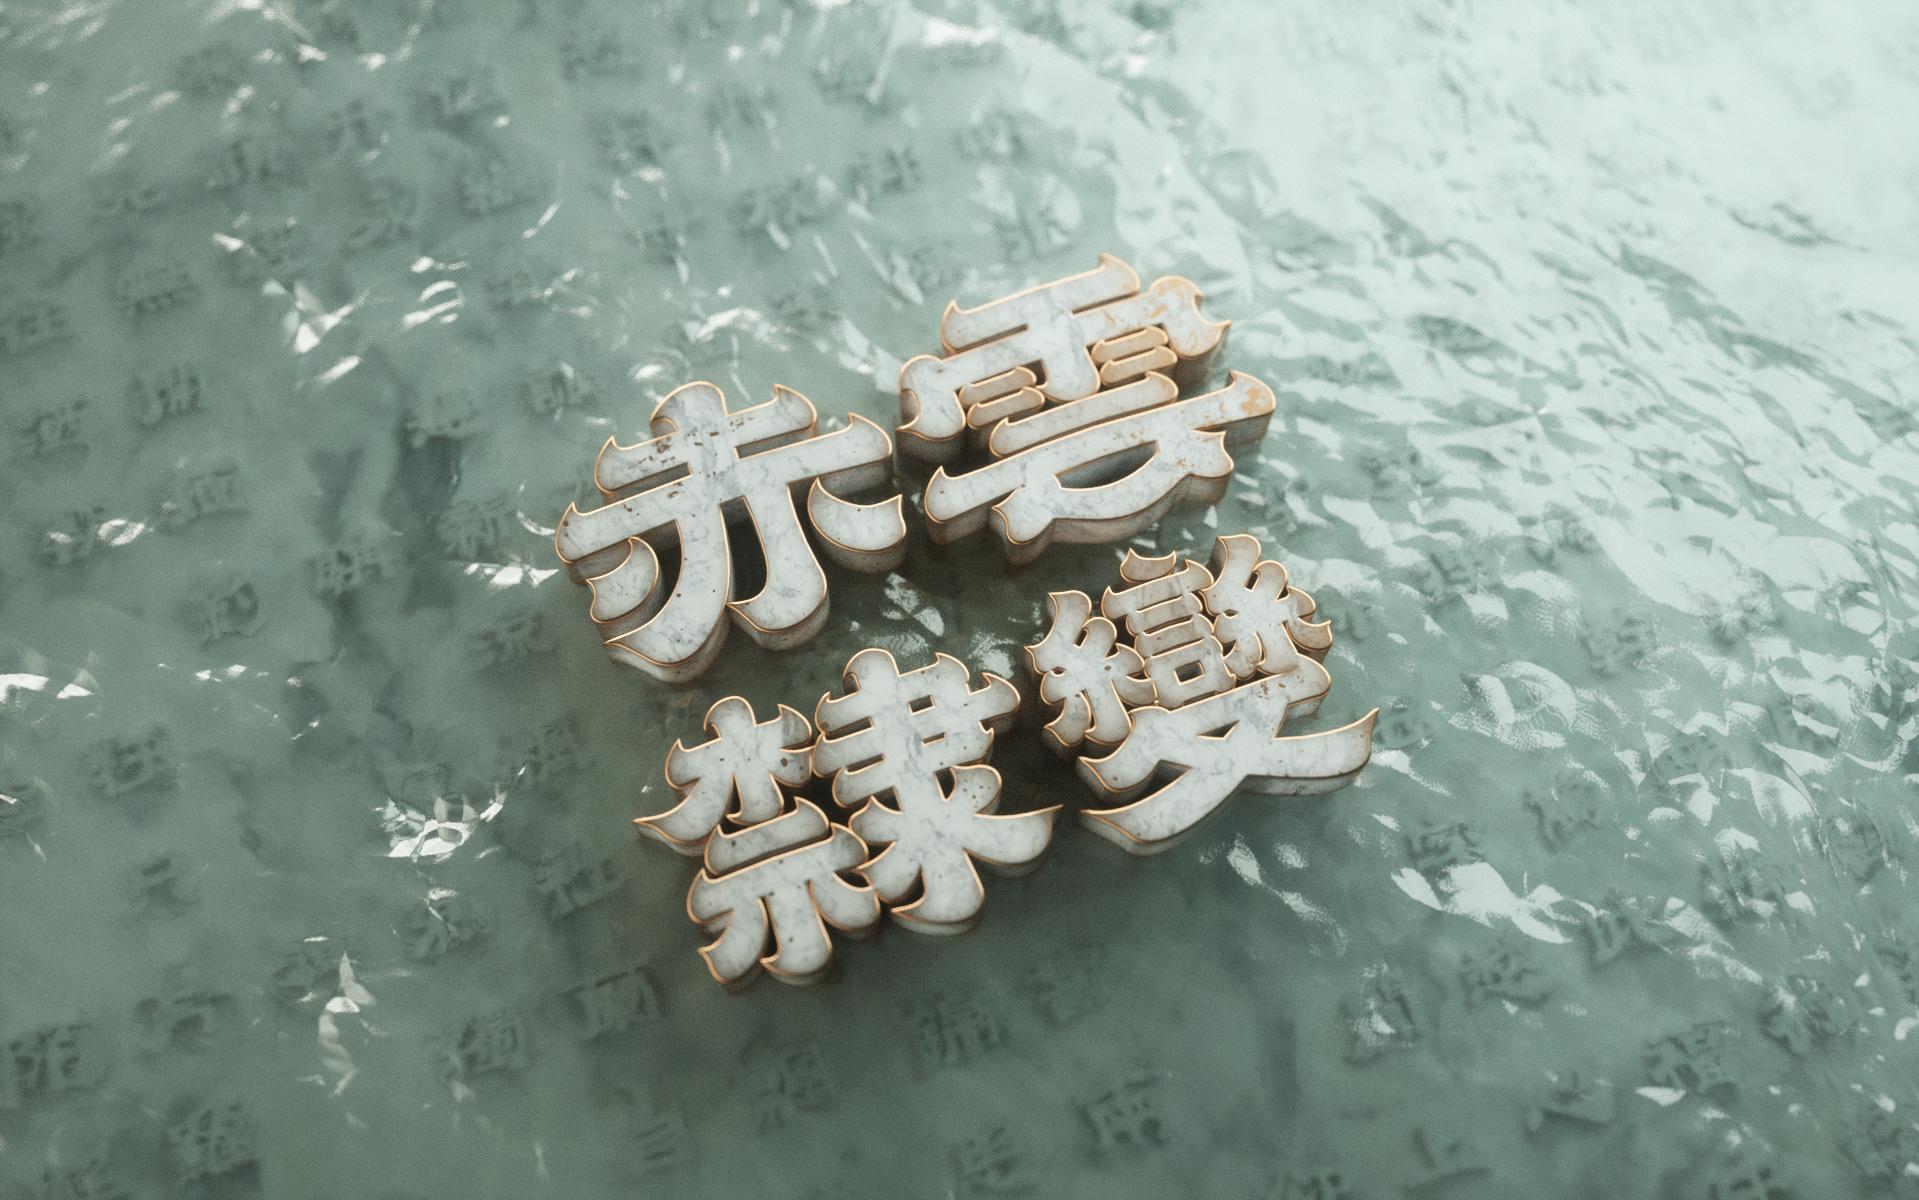 Les Illustrations de Caligraphie asiatique de Hunk Xing